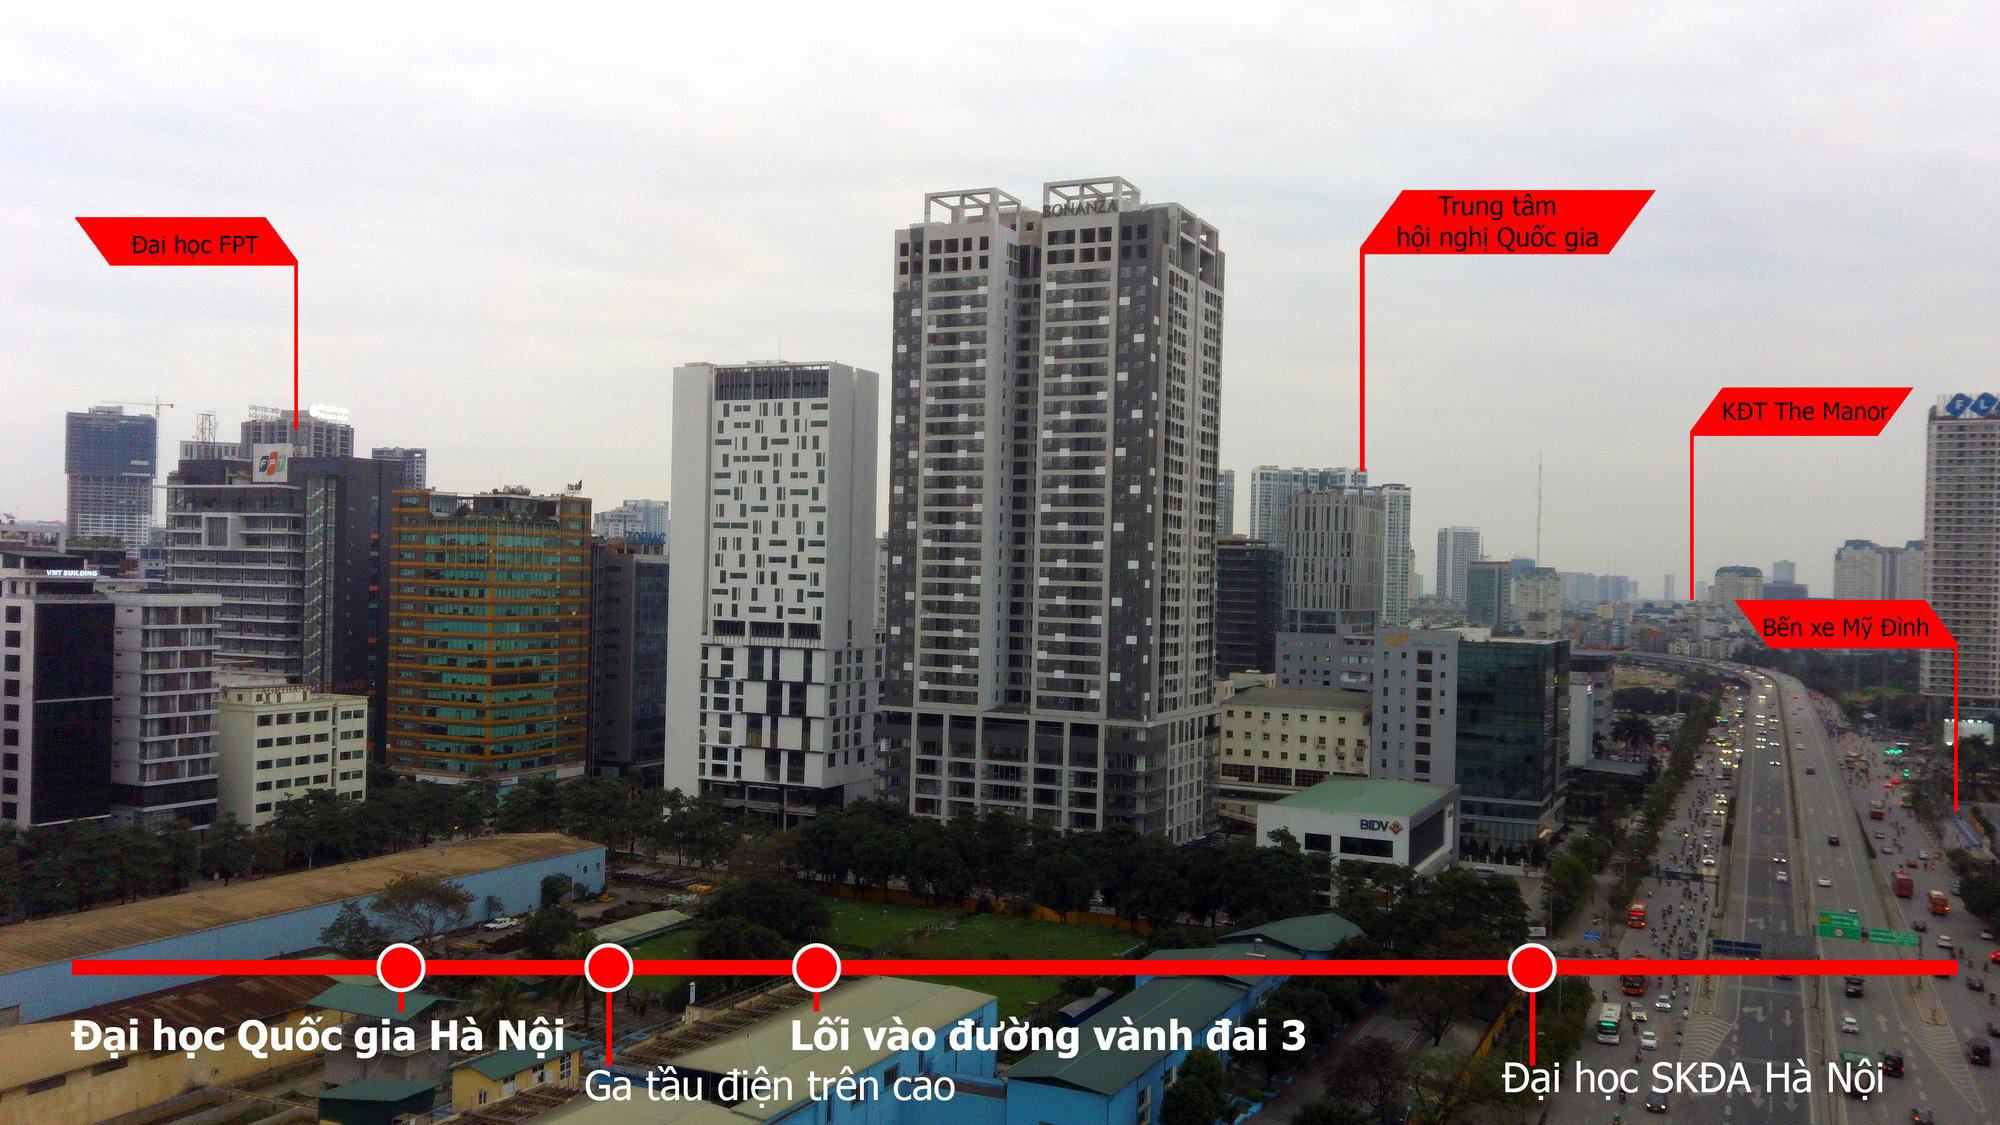 Dự án Dreamland Bonanza đang mở bán: Toà chung cư hiếm hoi ở 'khu phố Wall' của Việt Nam - Ảnh 8.